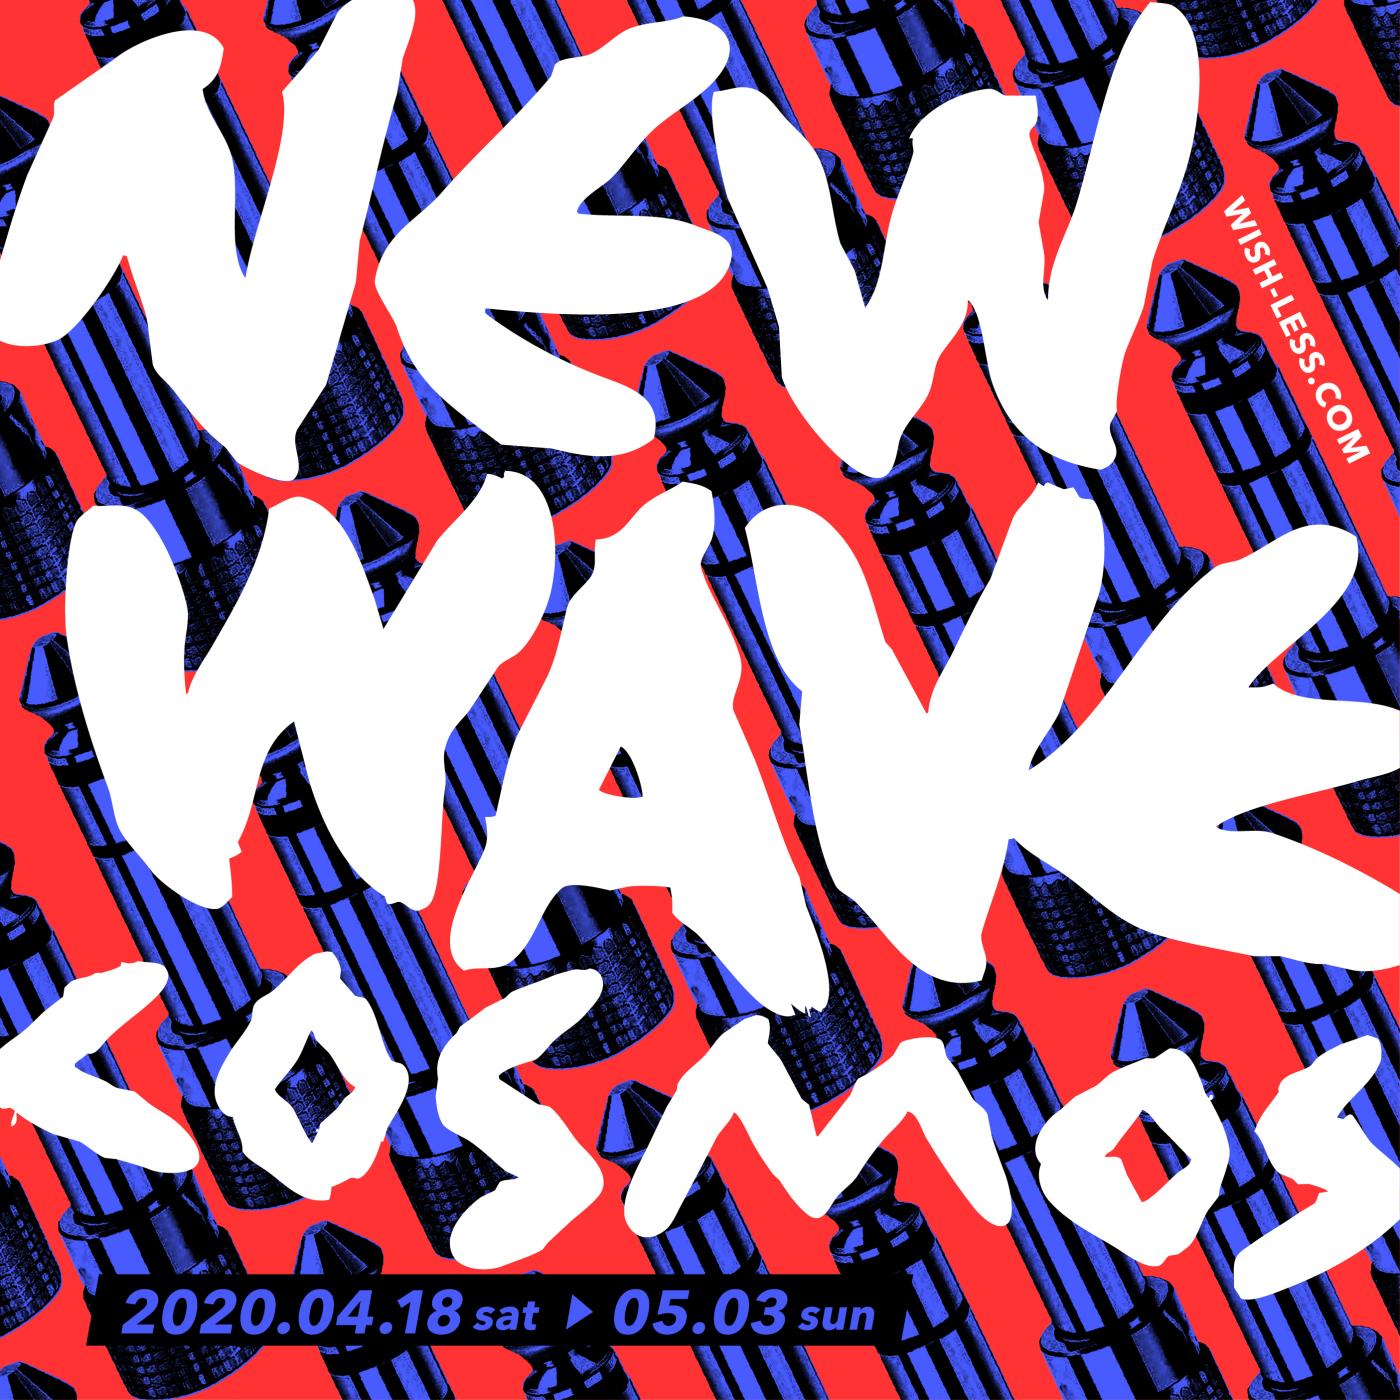 ストリートなイベント【東京】NEW WAVE COSMOS 〜ニューウェーヴの宇宙〜 パンク・ニューウェーヴのレコードジャケットとオマージュを捧げた作品の展覧会!